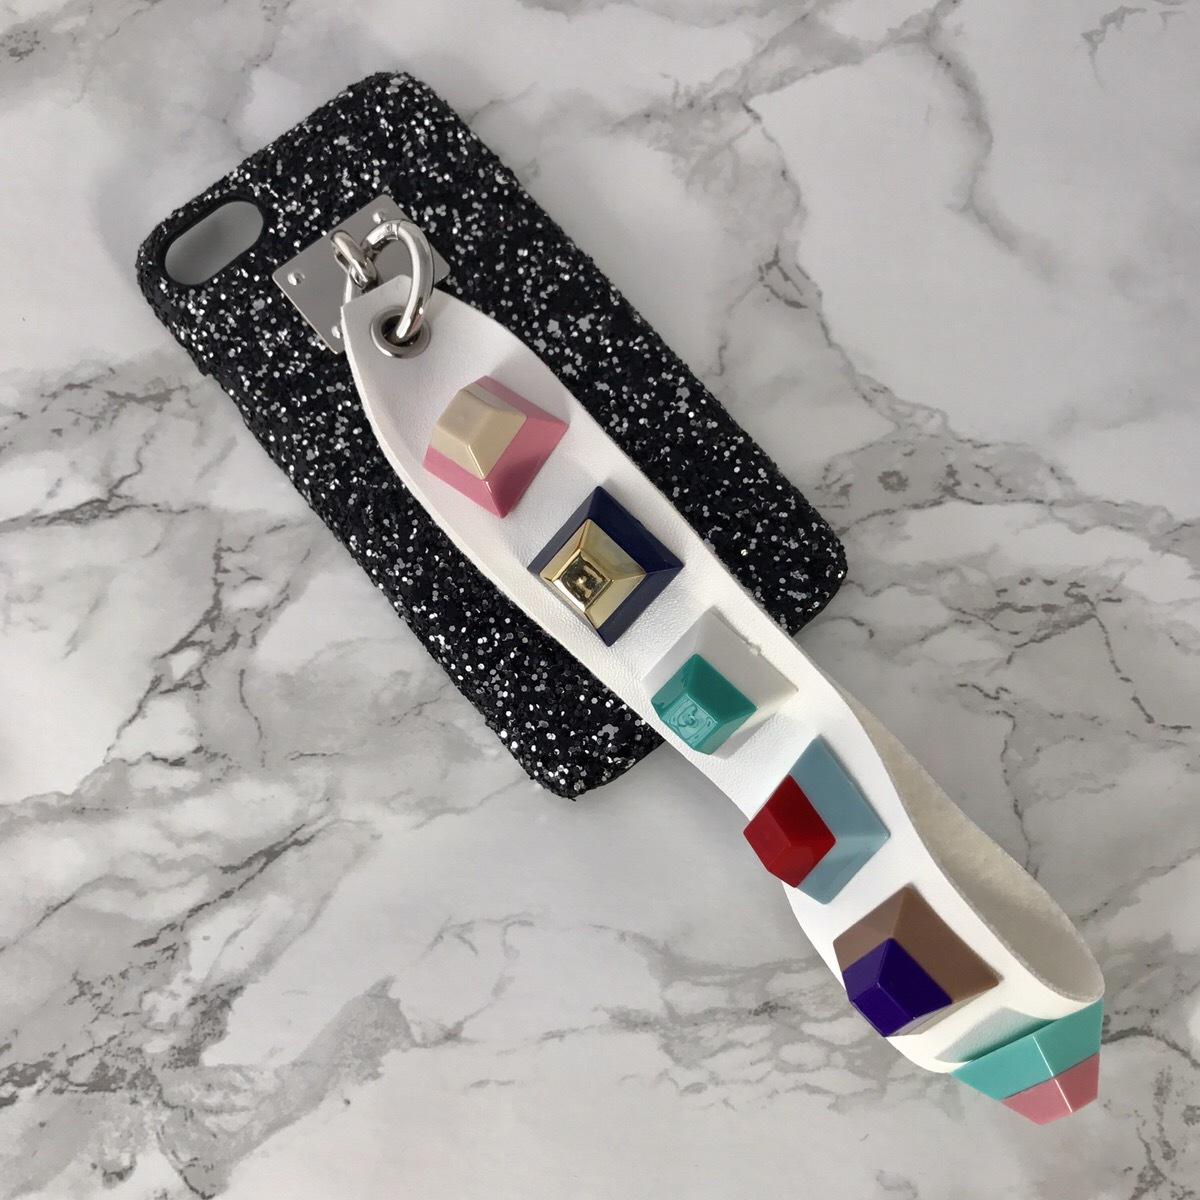 【送料無料】グリッターケース&レインボースタッズ ストラップ  iPhoneケース